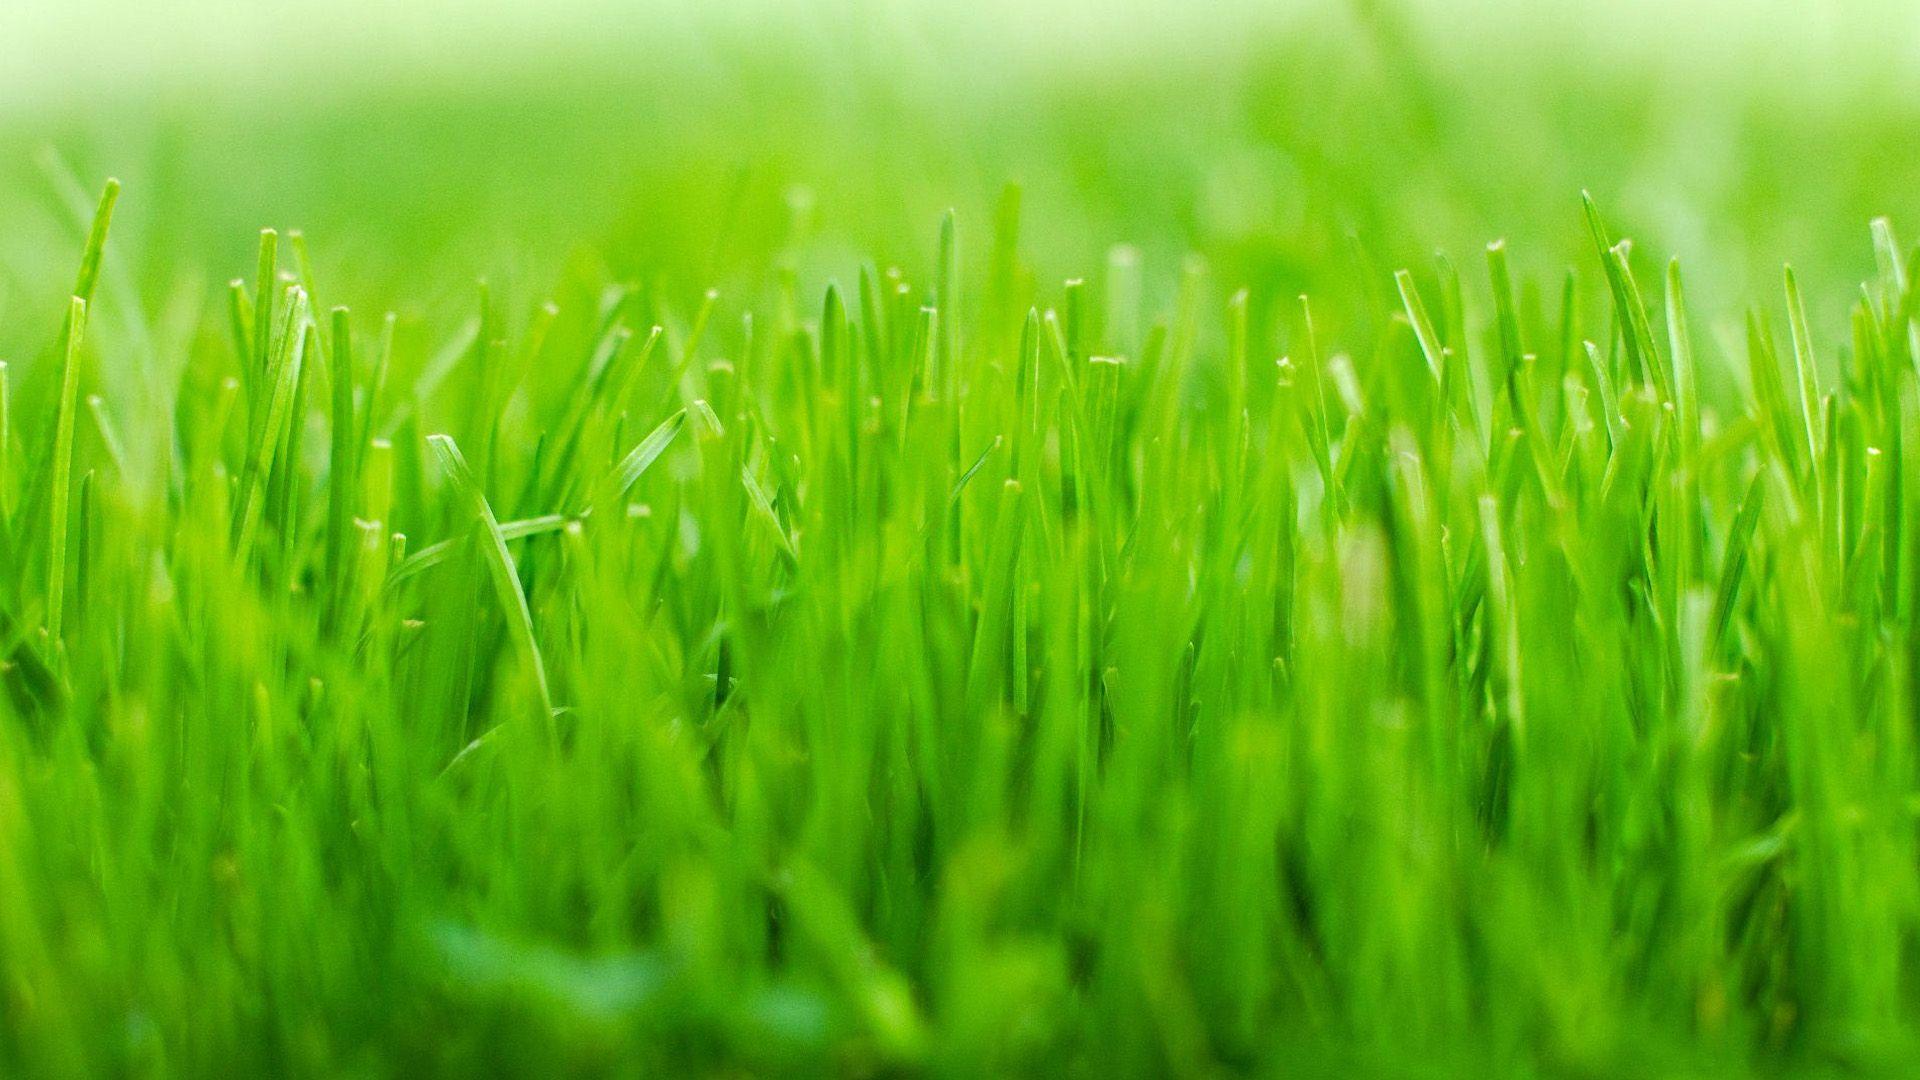 HD green grass Wallpapers.jpg (1920×1080) Grass